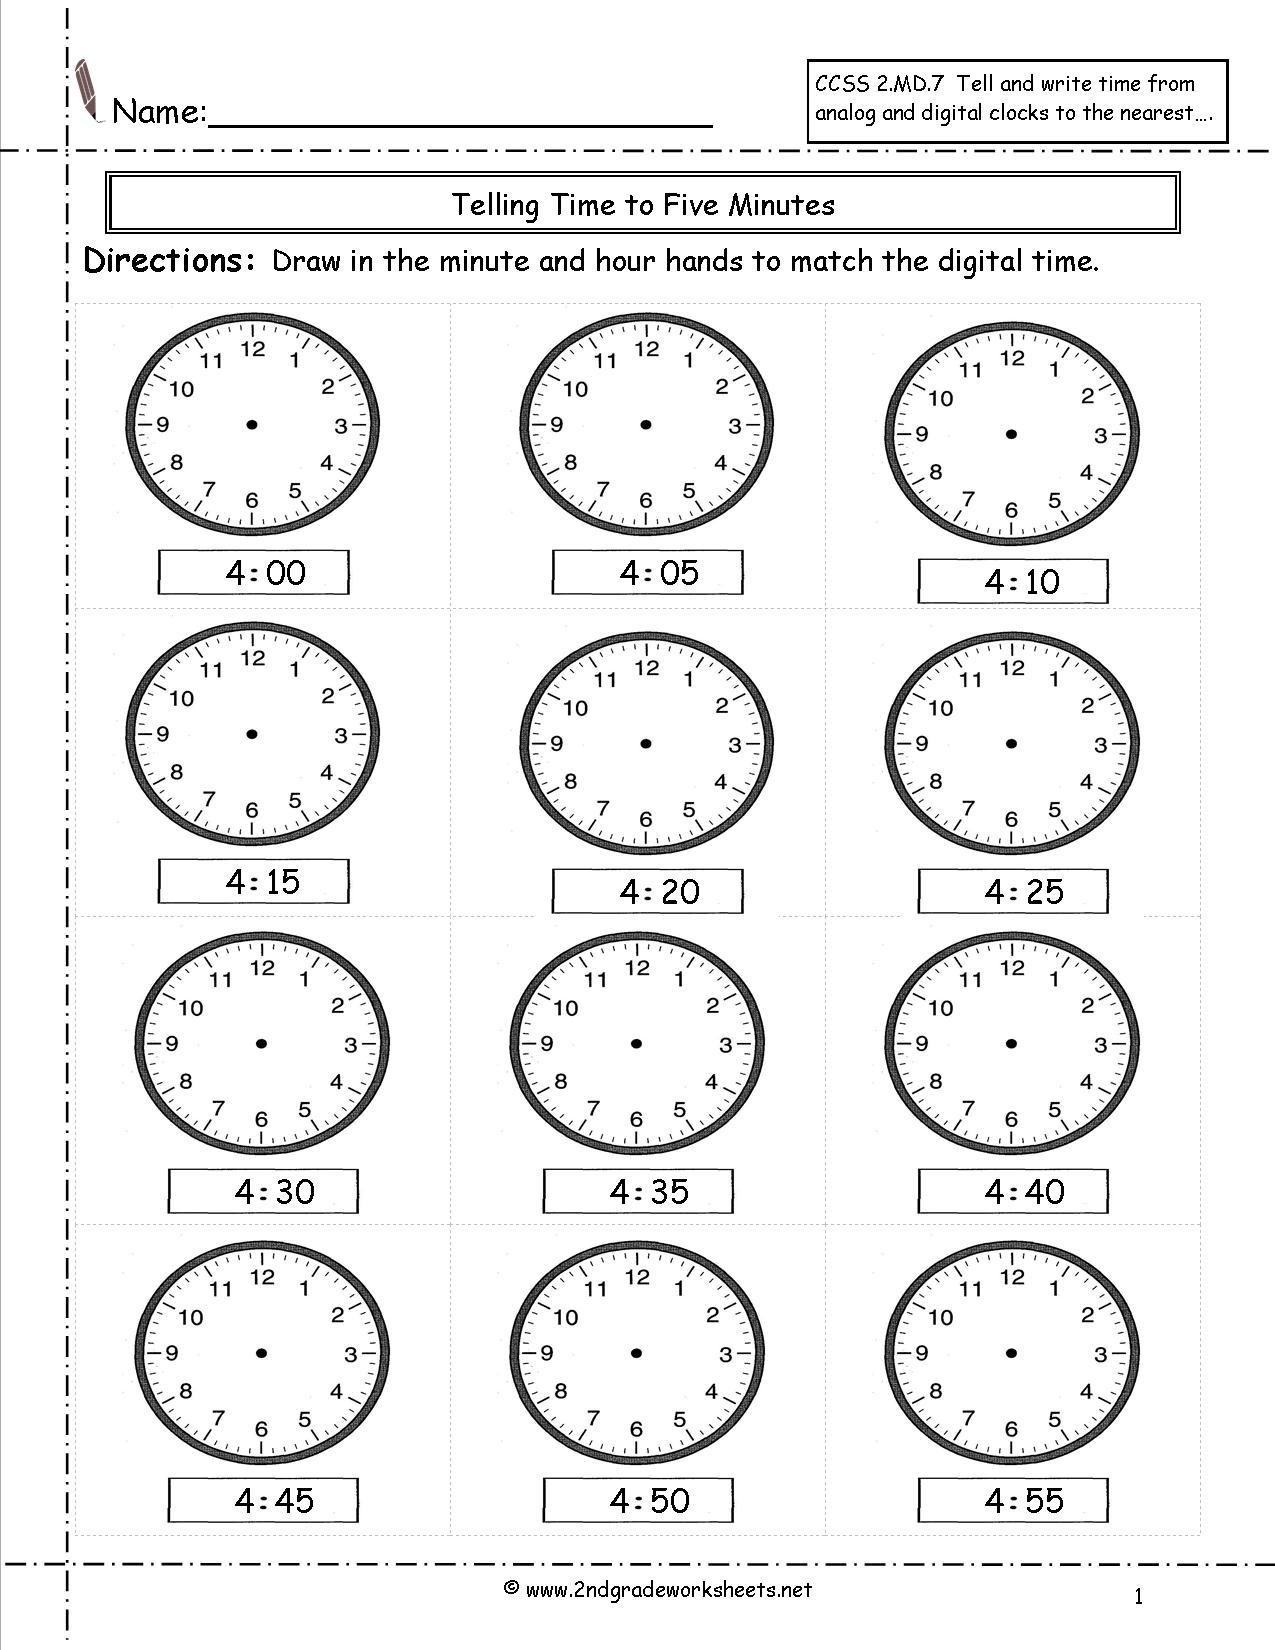 Telling Time Worksheet Printable